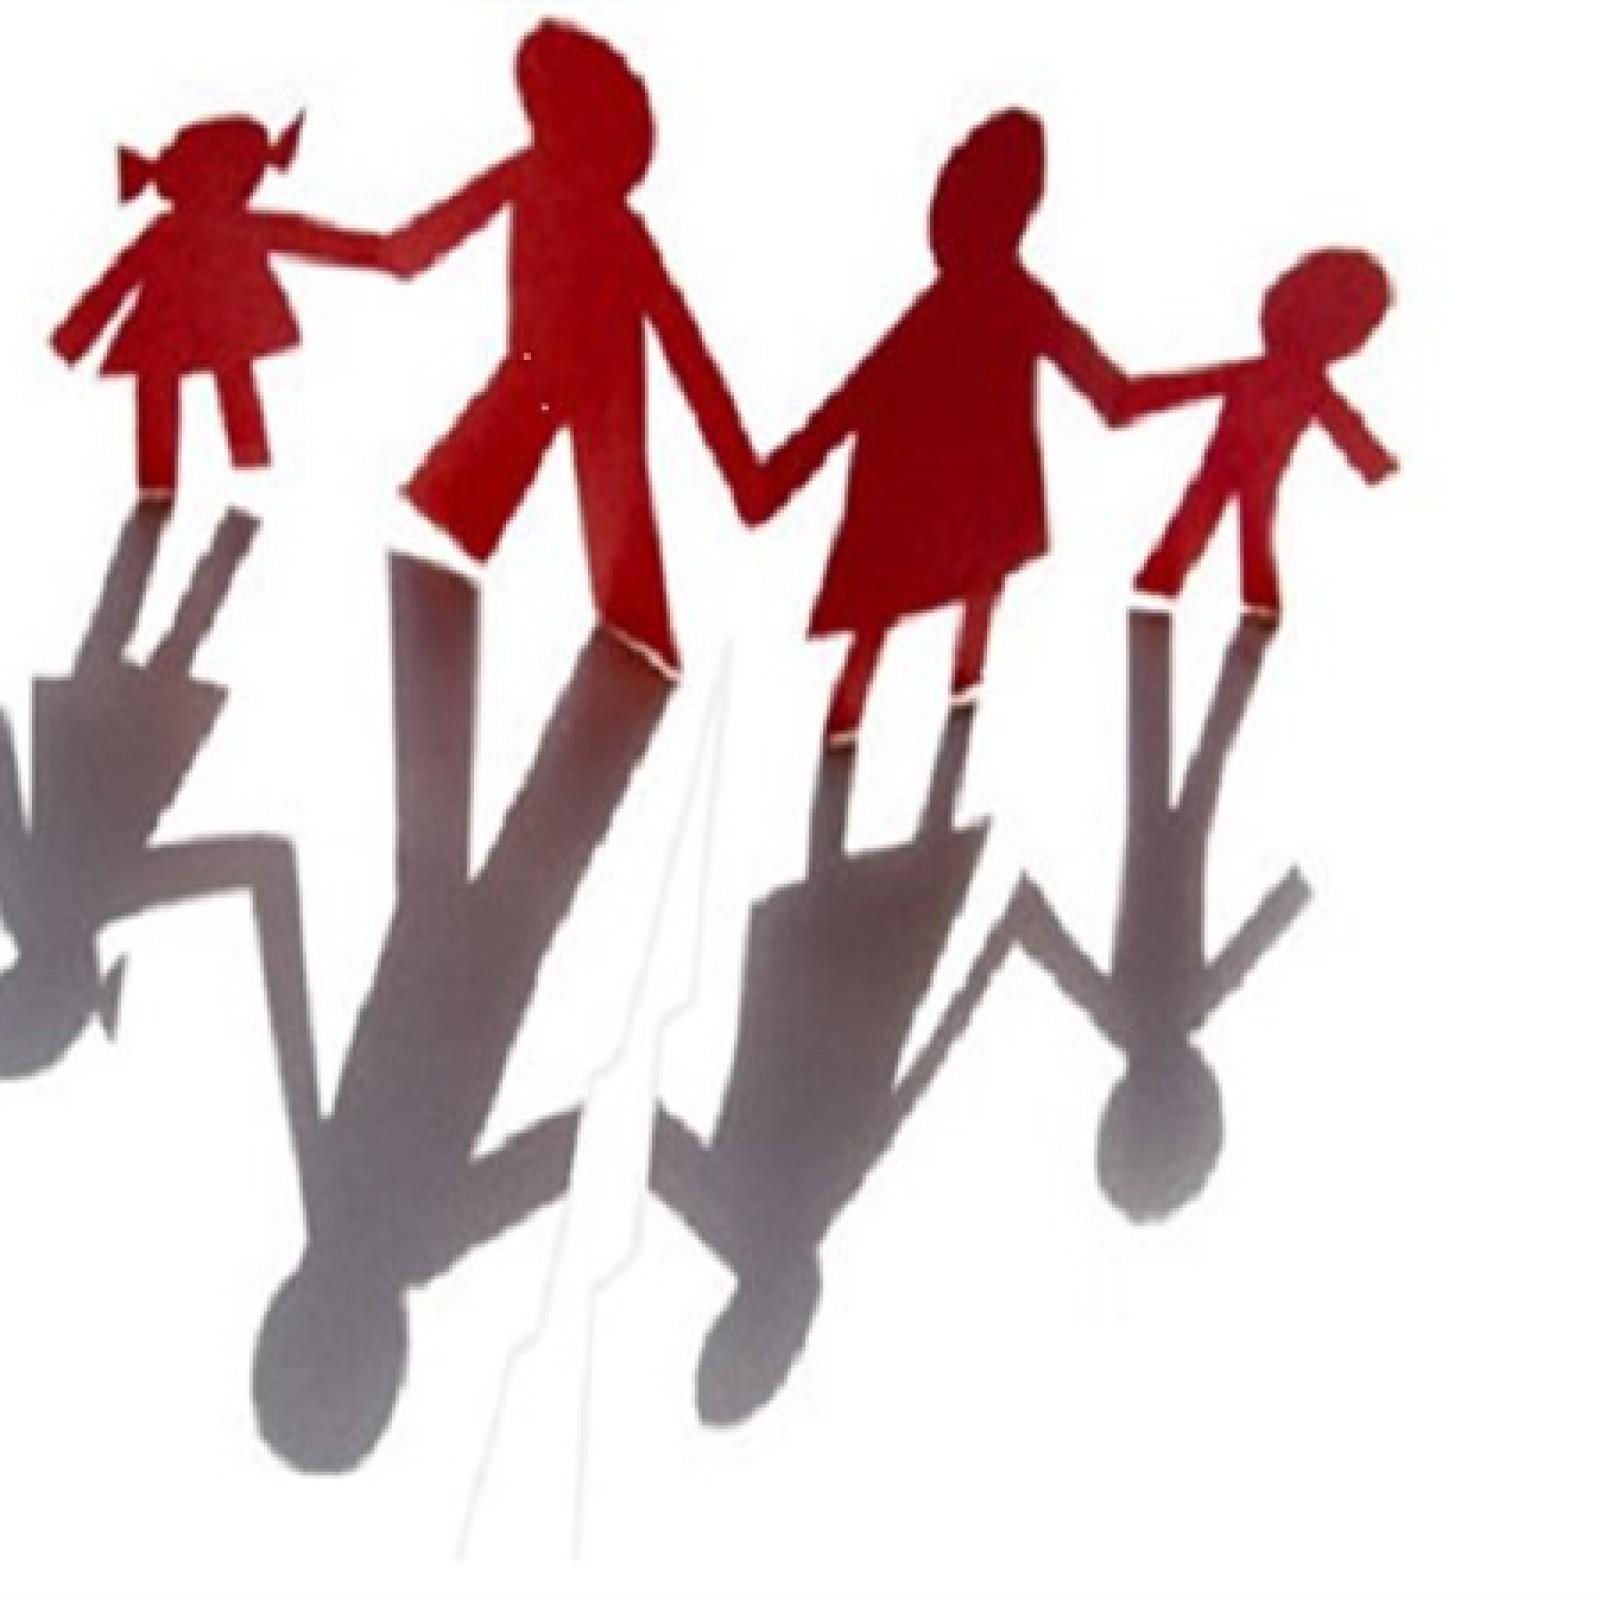 Fondo patrimoniale e atti eccedenti l'ordinaria amministrazione: i figli sono legittimati ad agire (ma….)